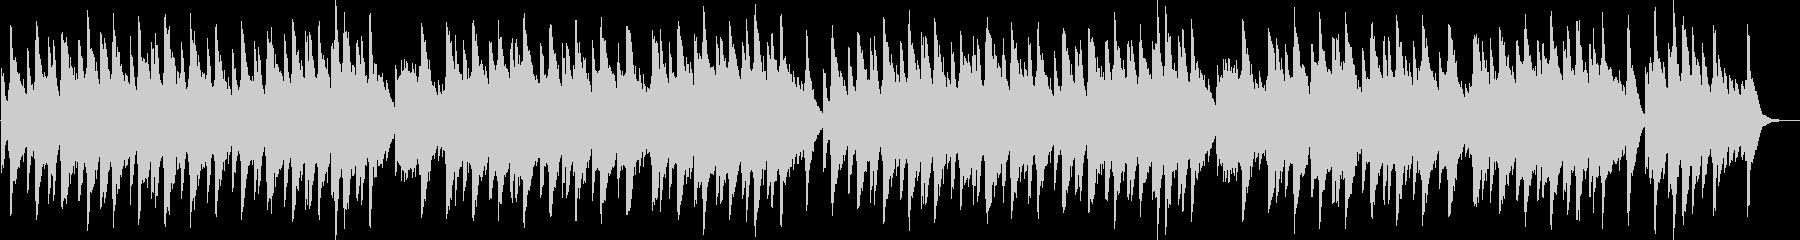 グリーンス・リーブス(オルゴール)の未再生の波形